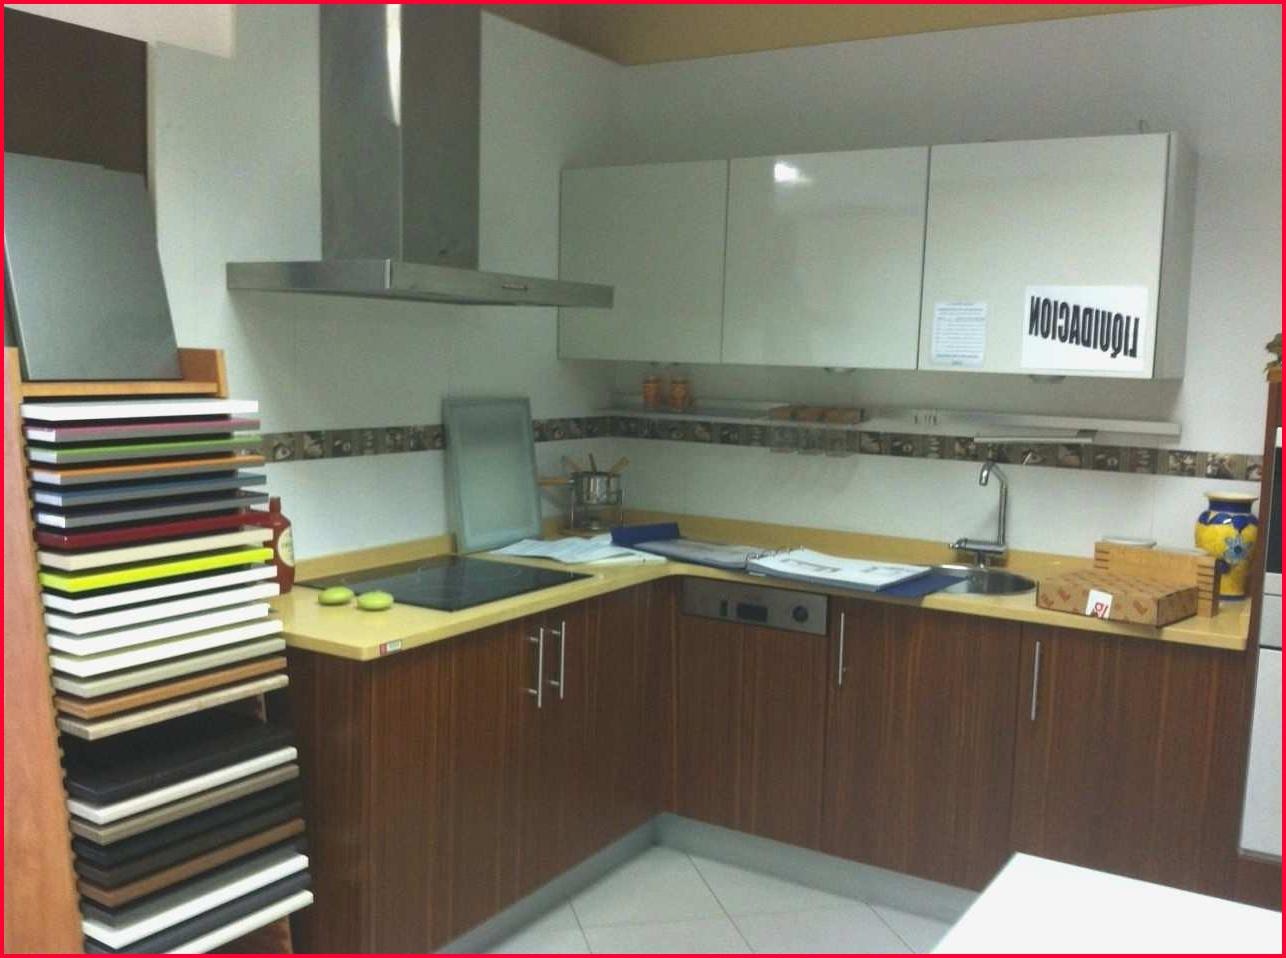 Segunda Mano Muebles asturias Drdp Muebles De Cocina Baratos De ...